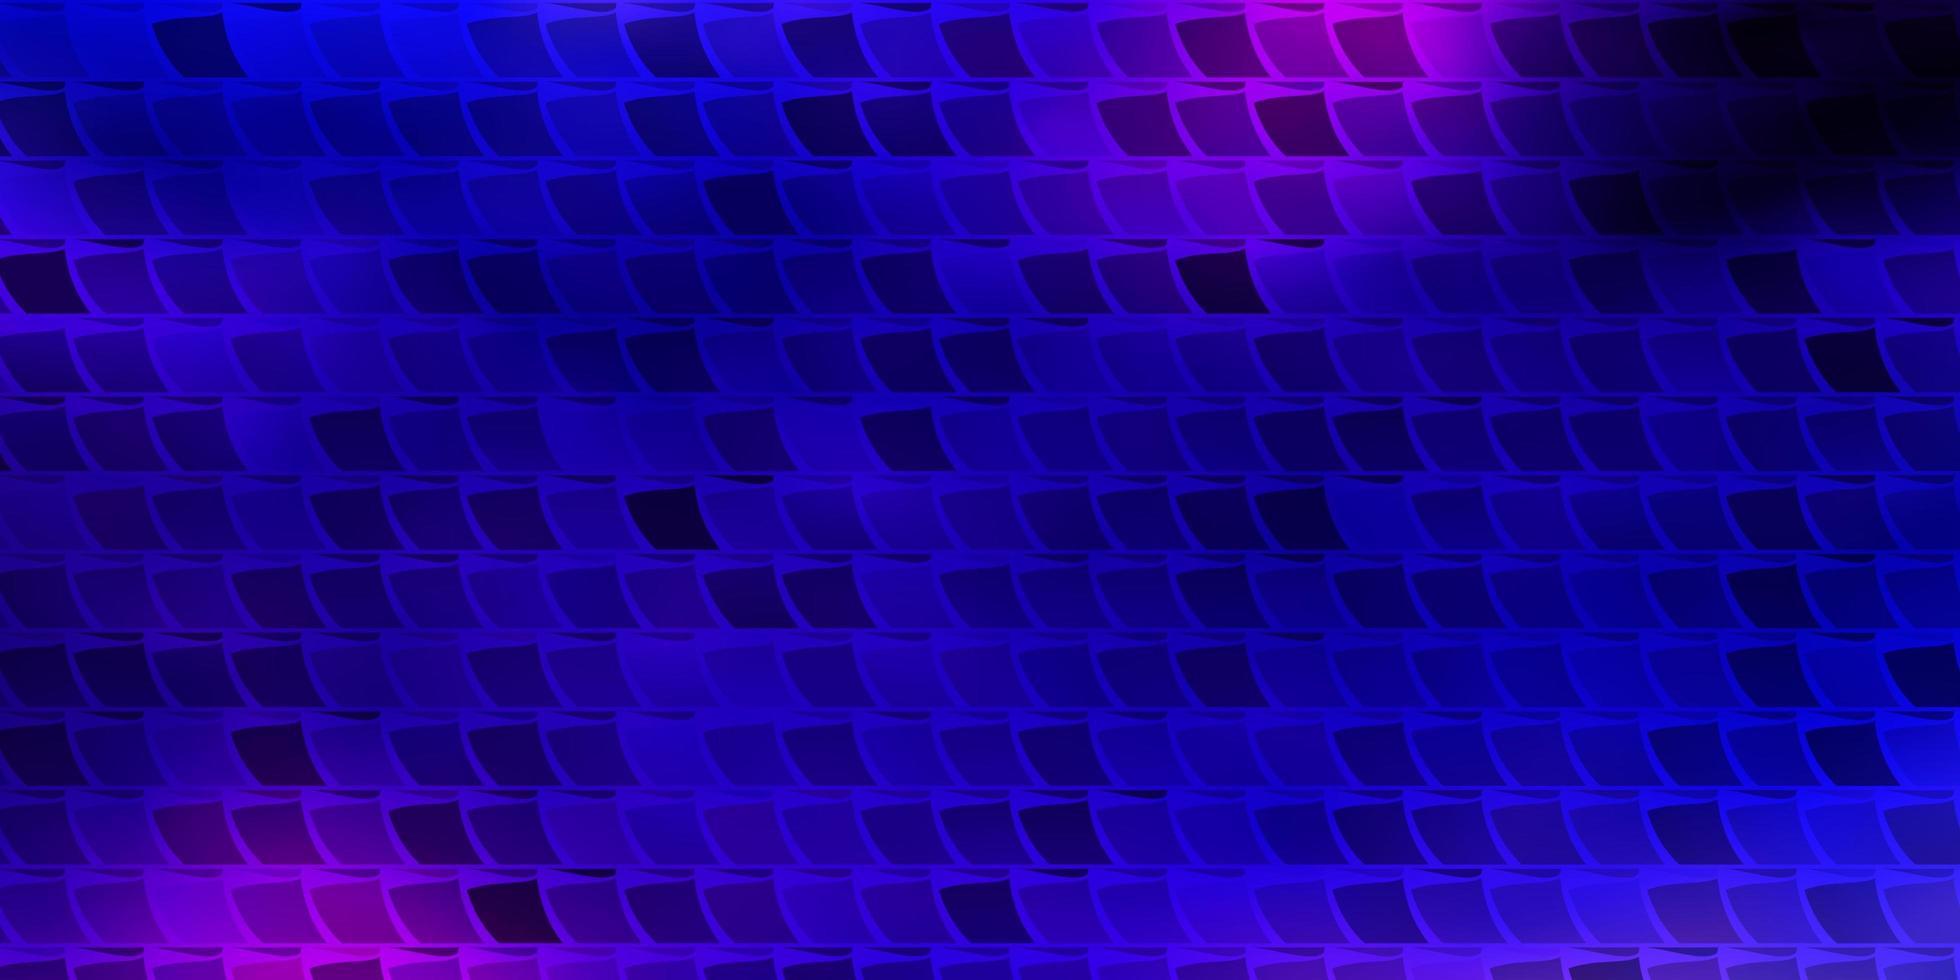 padrão de vetor rosa escuro, azul em estilo quadrado.